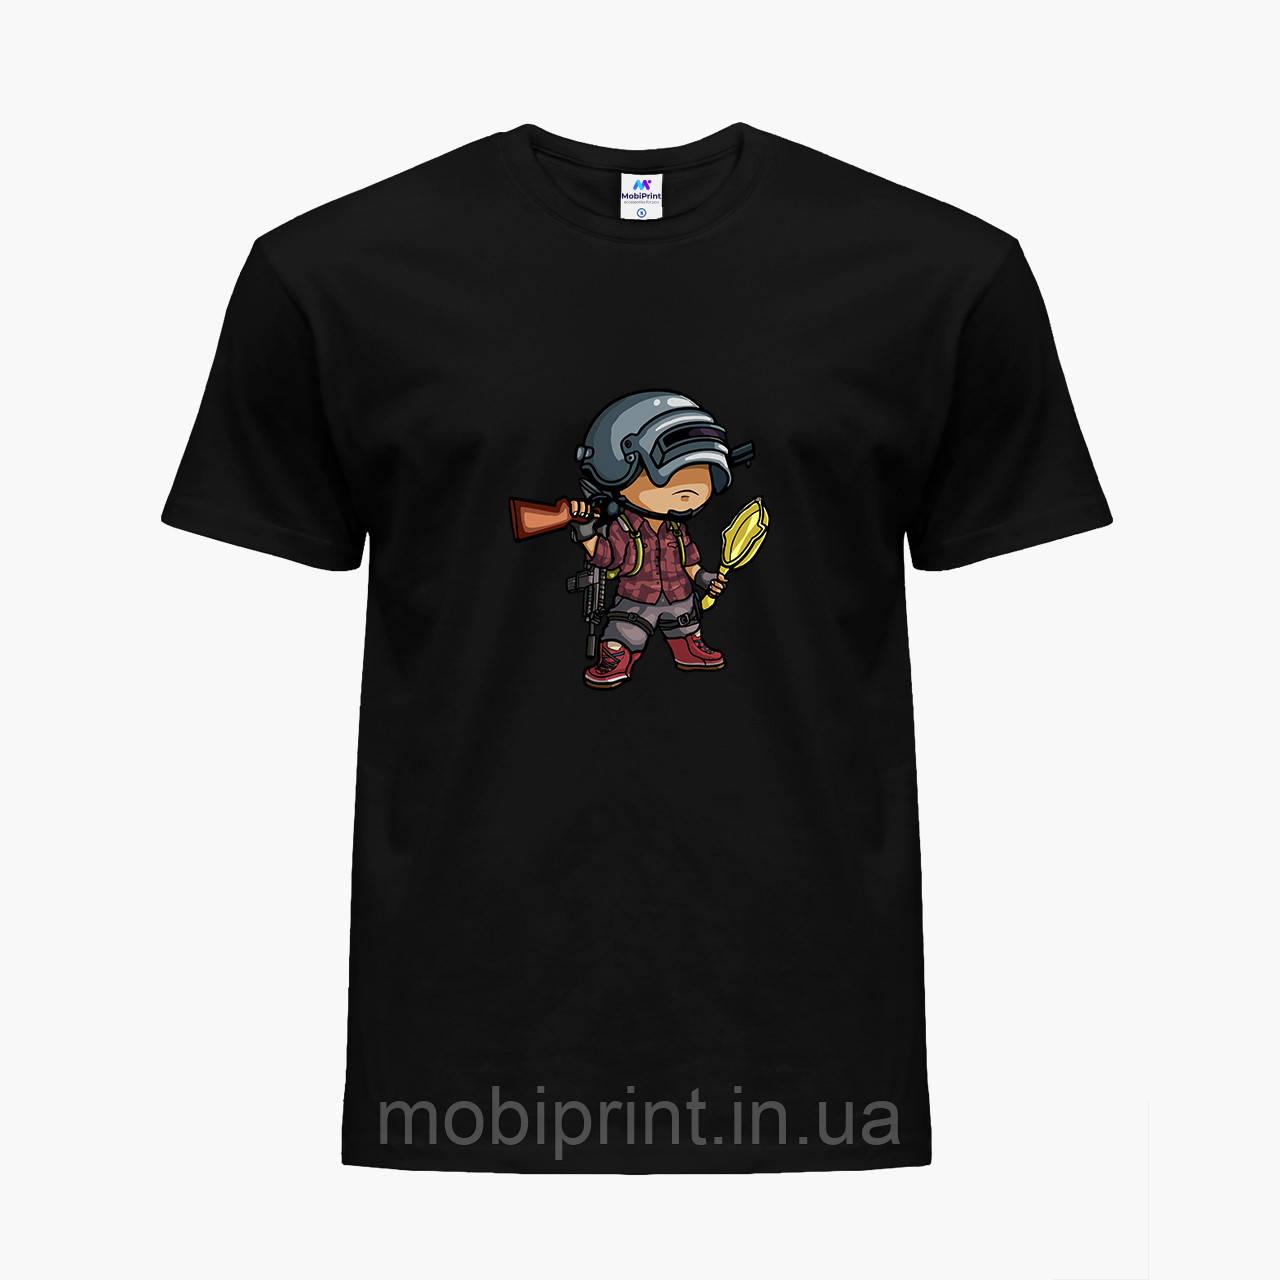 Детская футболка для мальчиков Пубг Пабг (Pubg) (25186-1710) Черный